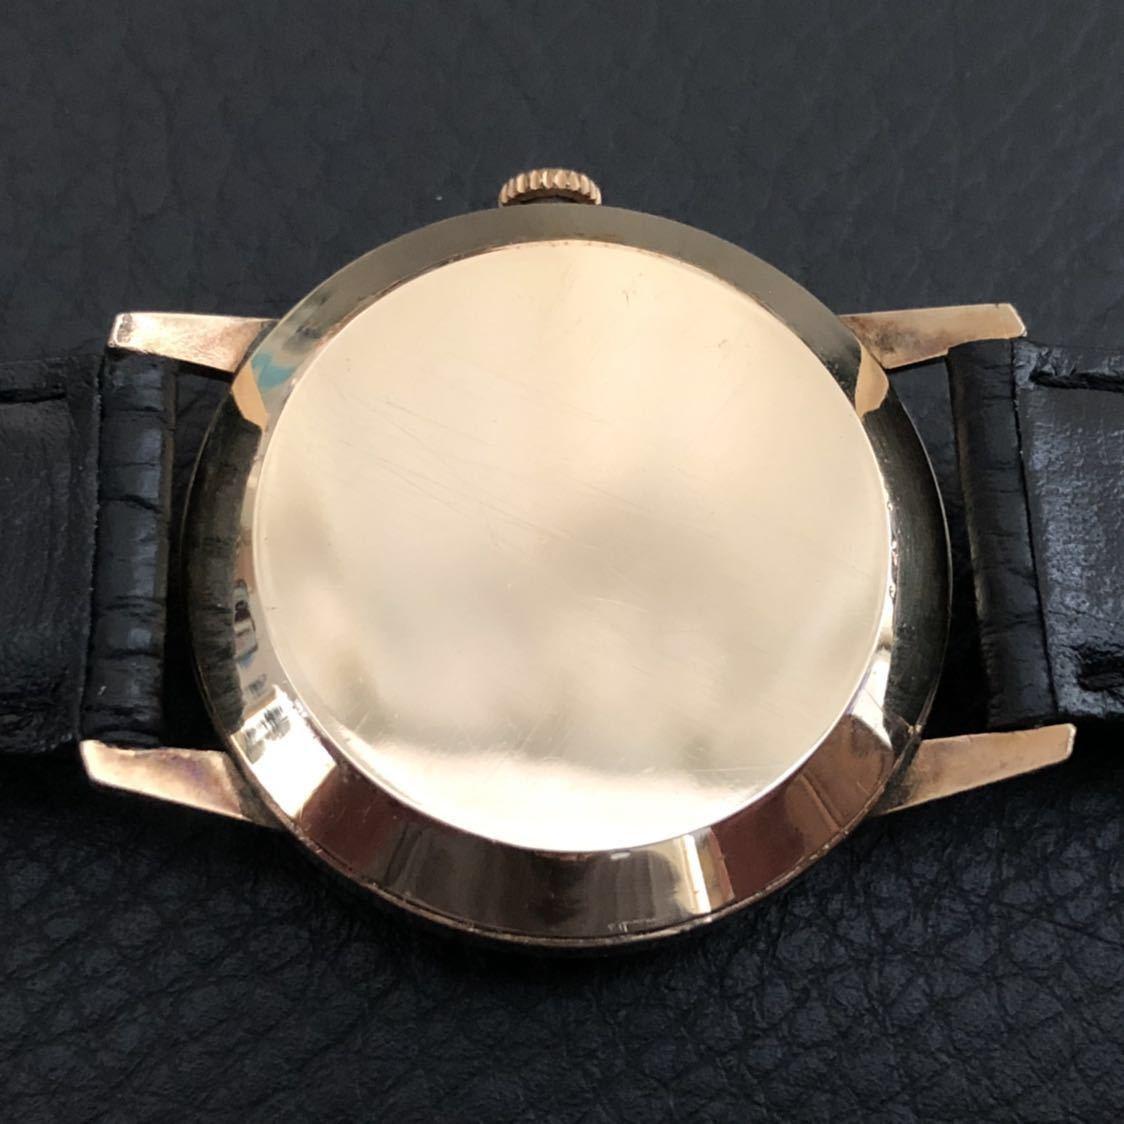 美品 超希少な隠れS文字盤 OH済 SEIKO インジケーター 11A(国産自動巻腕時計第1号) 21石 14KGF側J14003 オリジナル文字盤_画像7